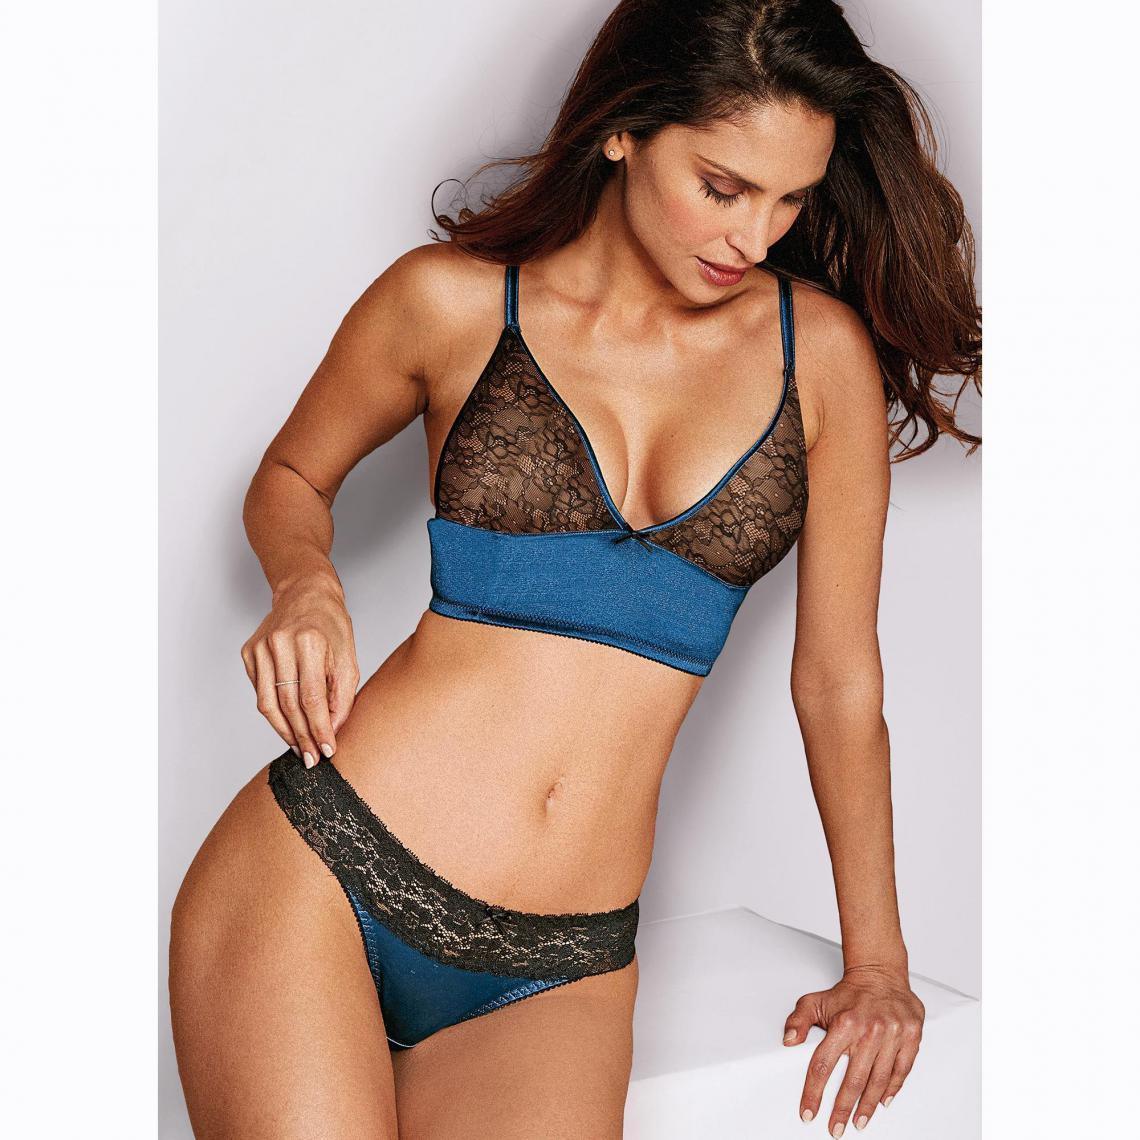 Culotte brésilienne en satin et dentelle femme Exclusivité 3SUISSES - Noir  - Bleu 3 SUISSES 03878772eb5